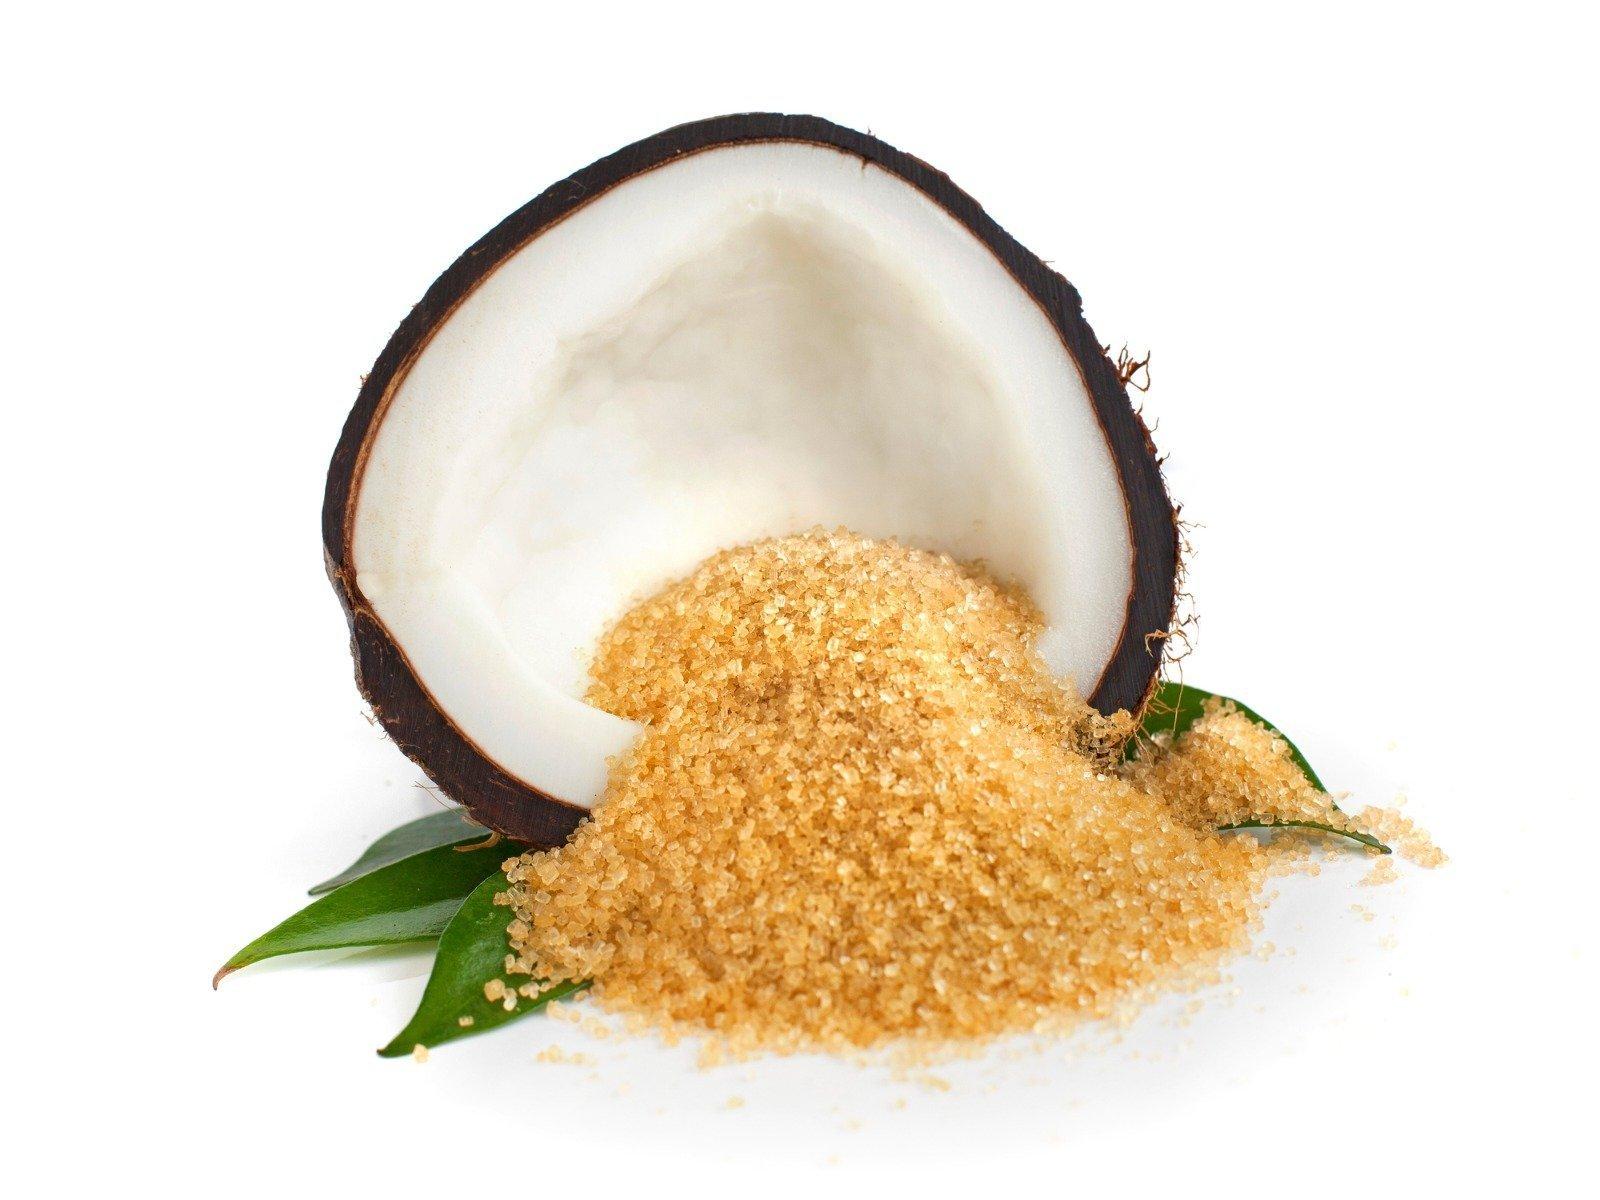 Bio Coconut Sugar - přírodní kokosový cukr v bio kvalitě, který má nízký glykemický index, a proto je ideální náhradou bílého cukru pro zdravé slazení